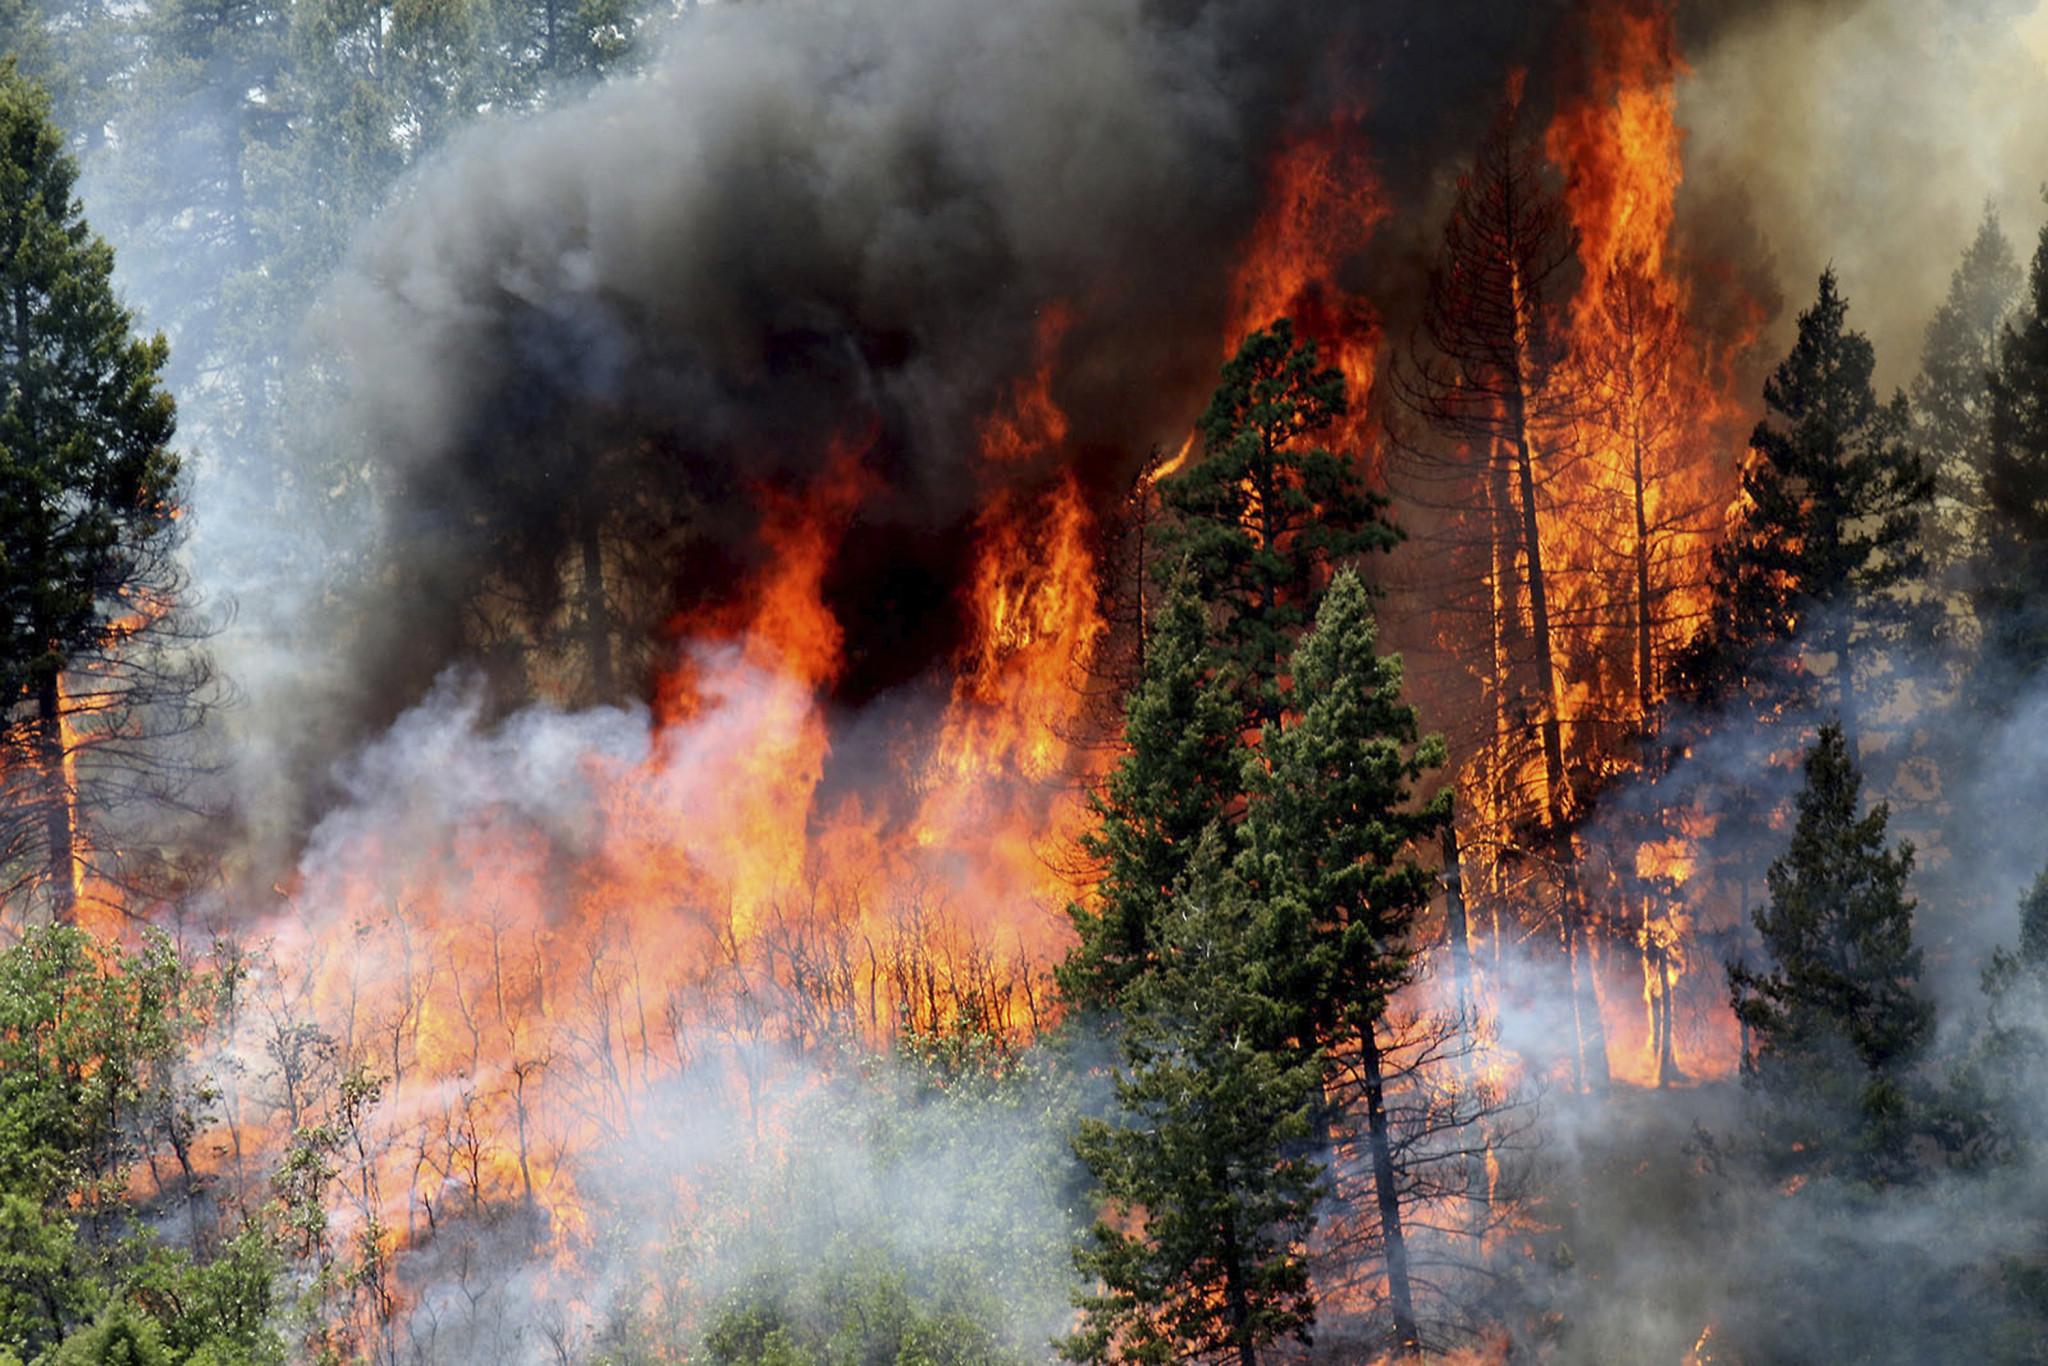 некоторое время картинки защита от пожара интересный необычайно роскошный